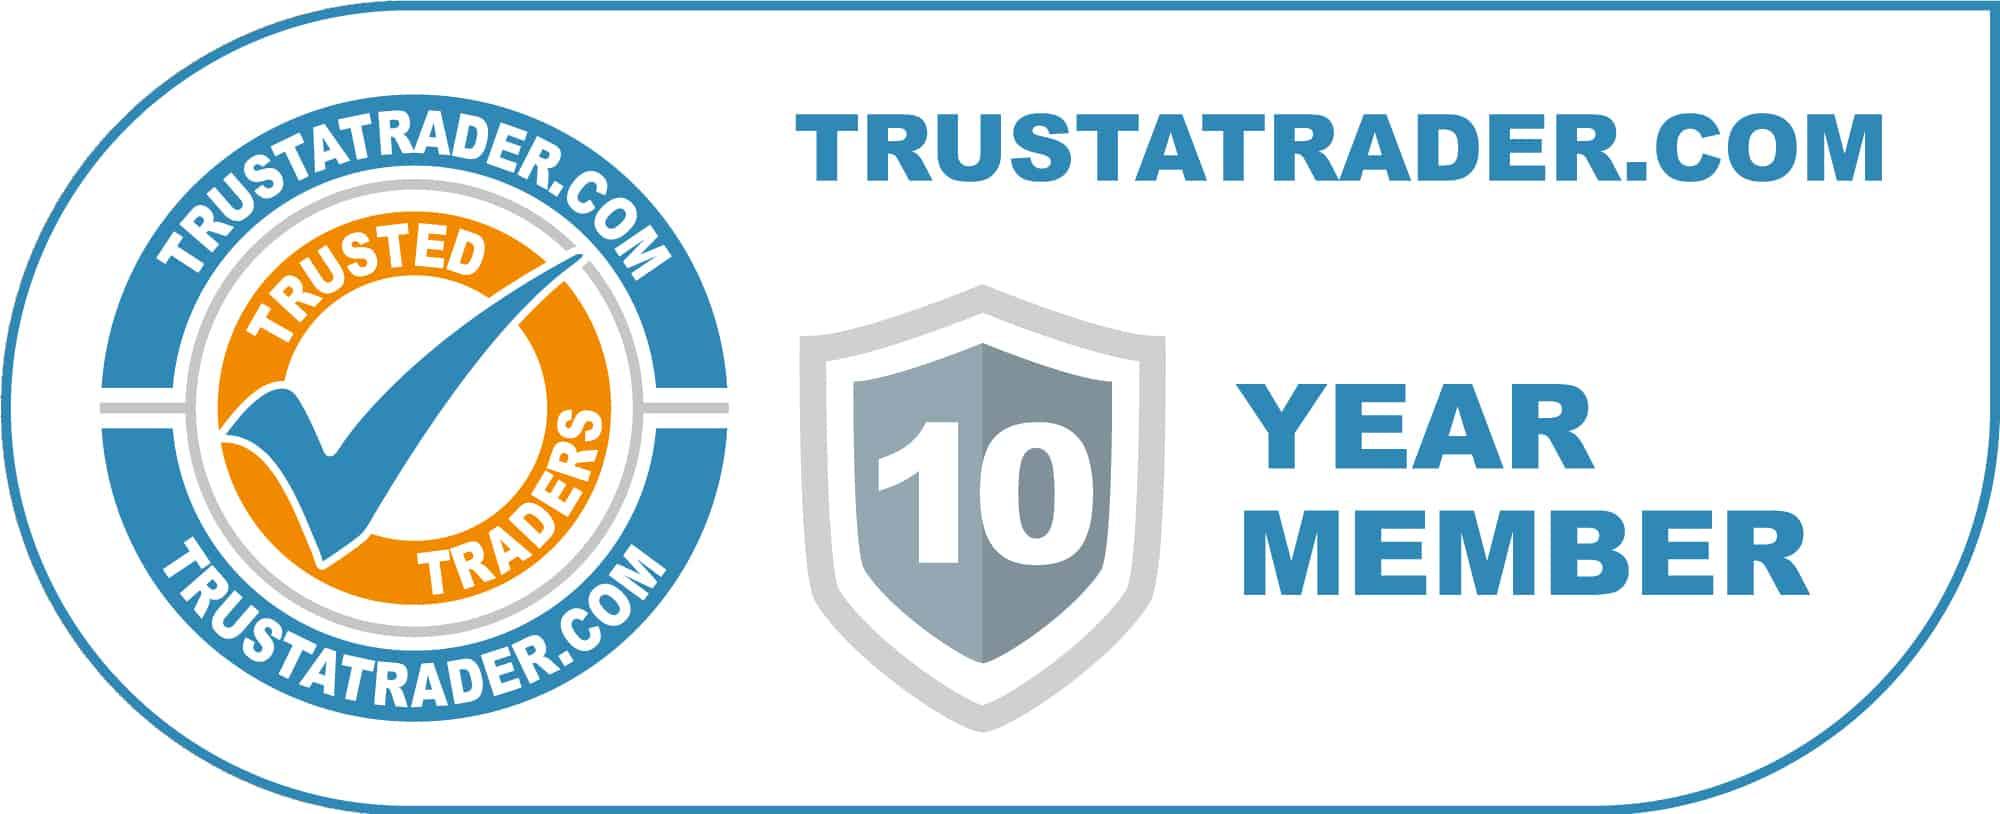 Logo of TrustATrader.com